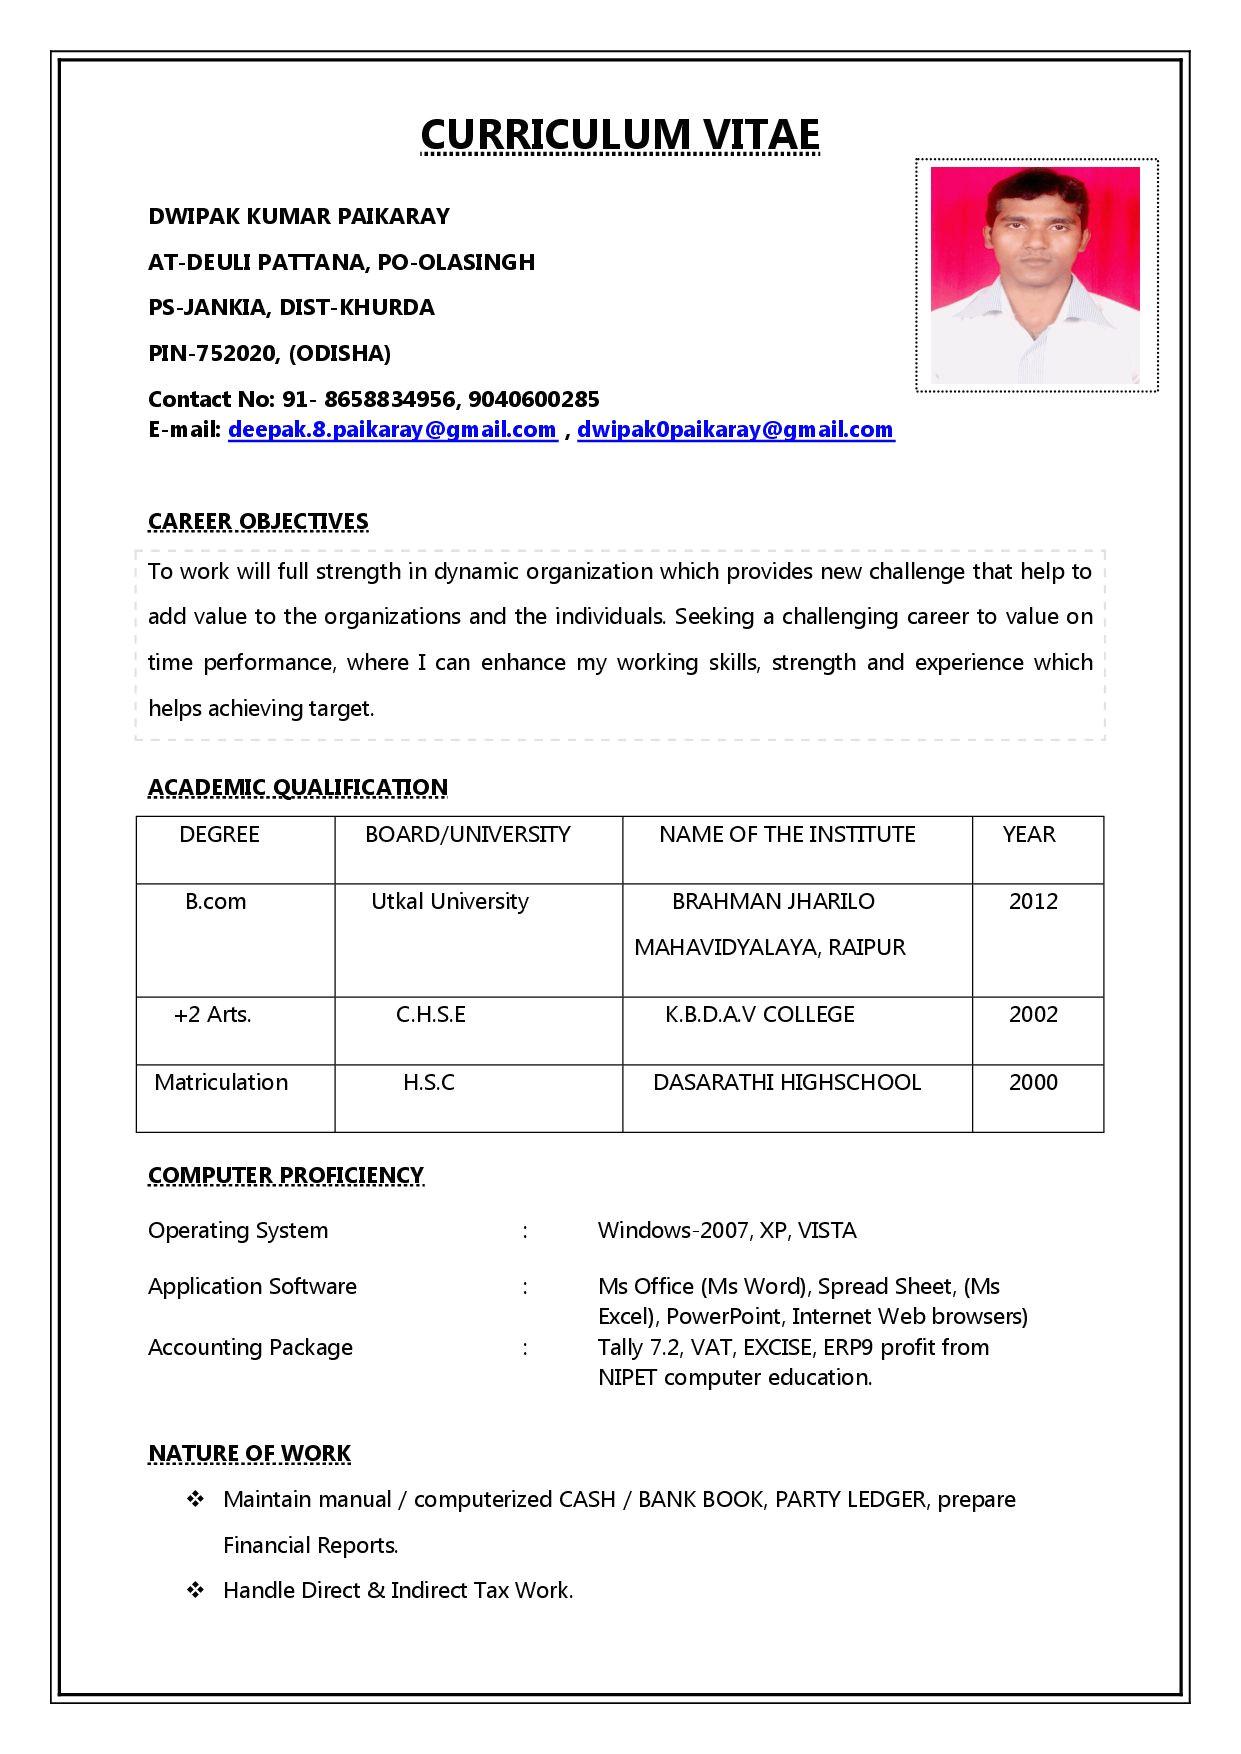 Resume Letter format for Job Job Job Resume format New Resume format Job Resume